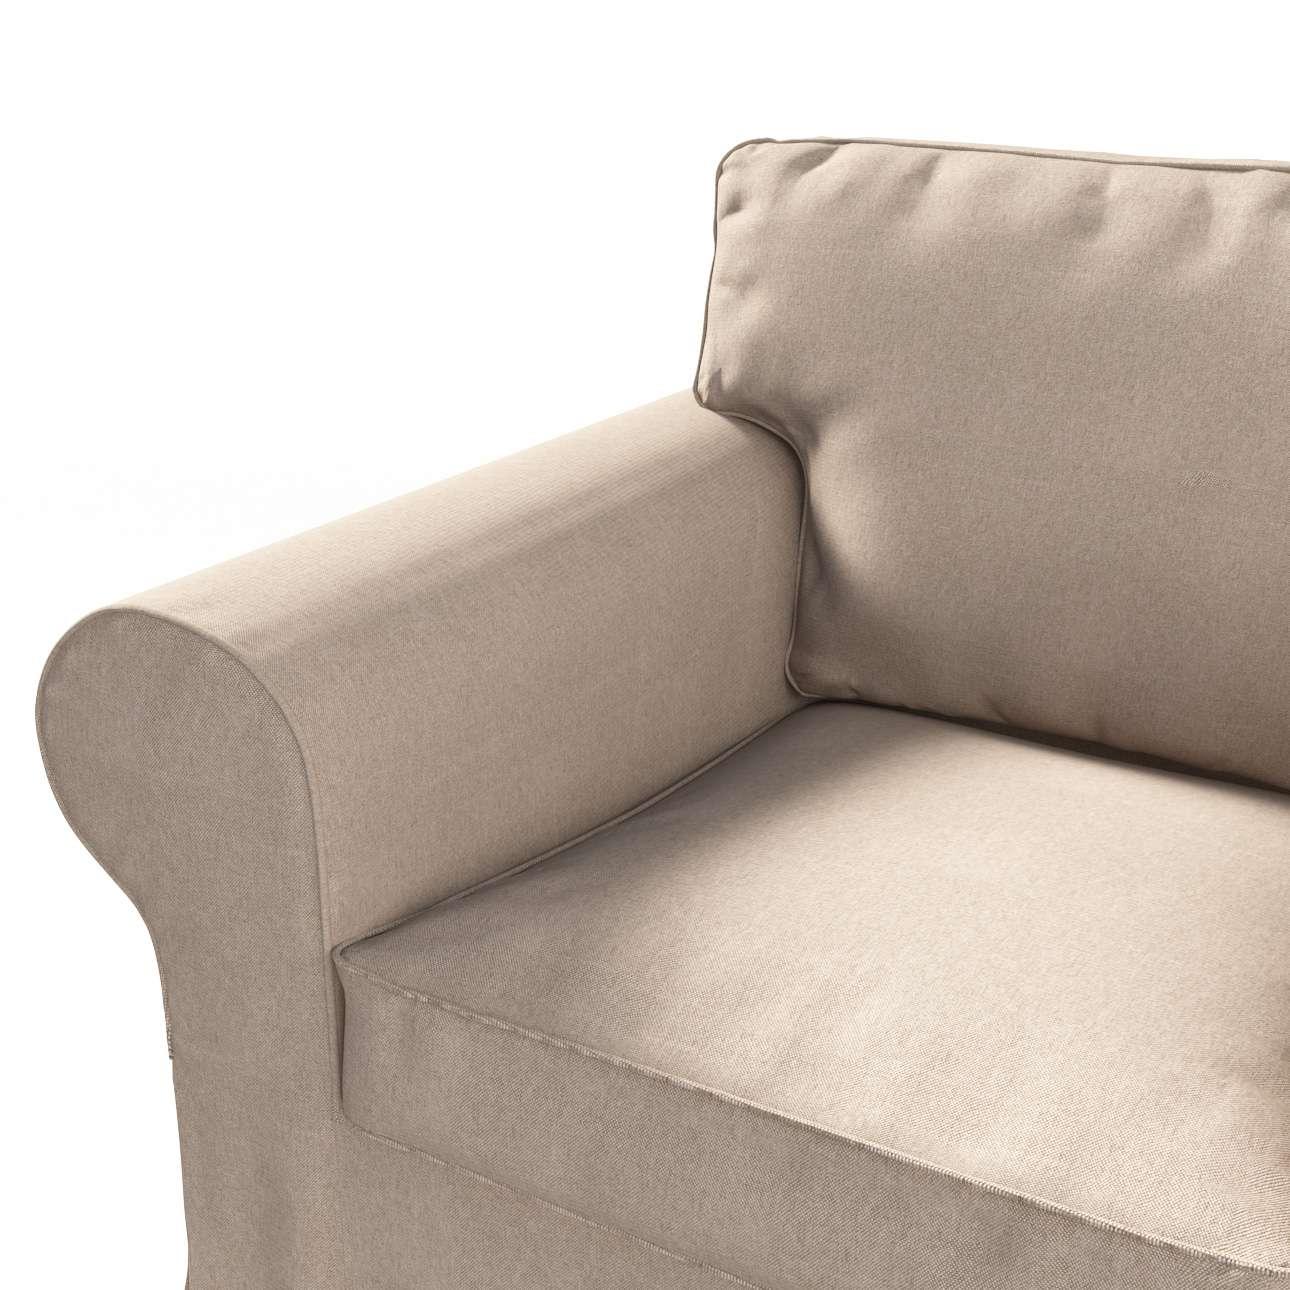 Pokrowiec na fotel Ektorp Fotel Ektorp w kolekcji Etna , tkanina: 705-09